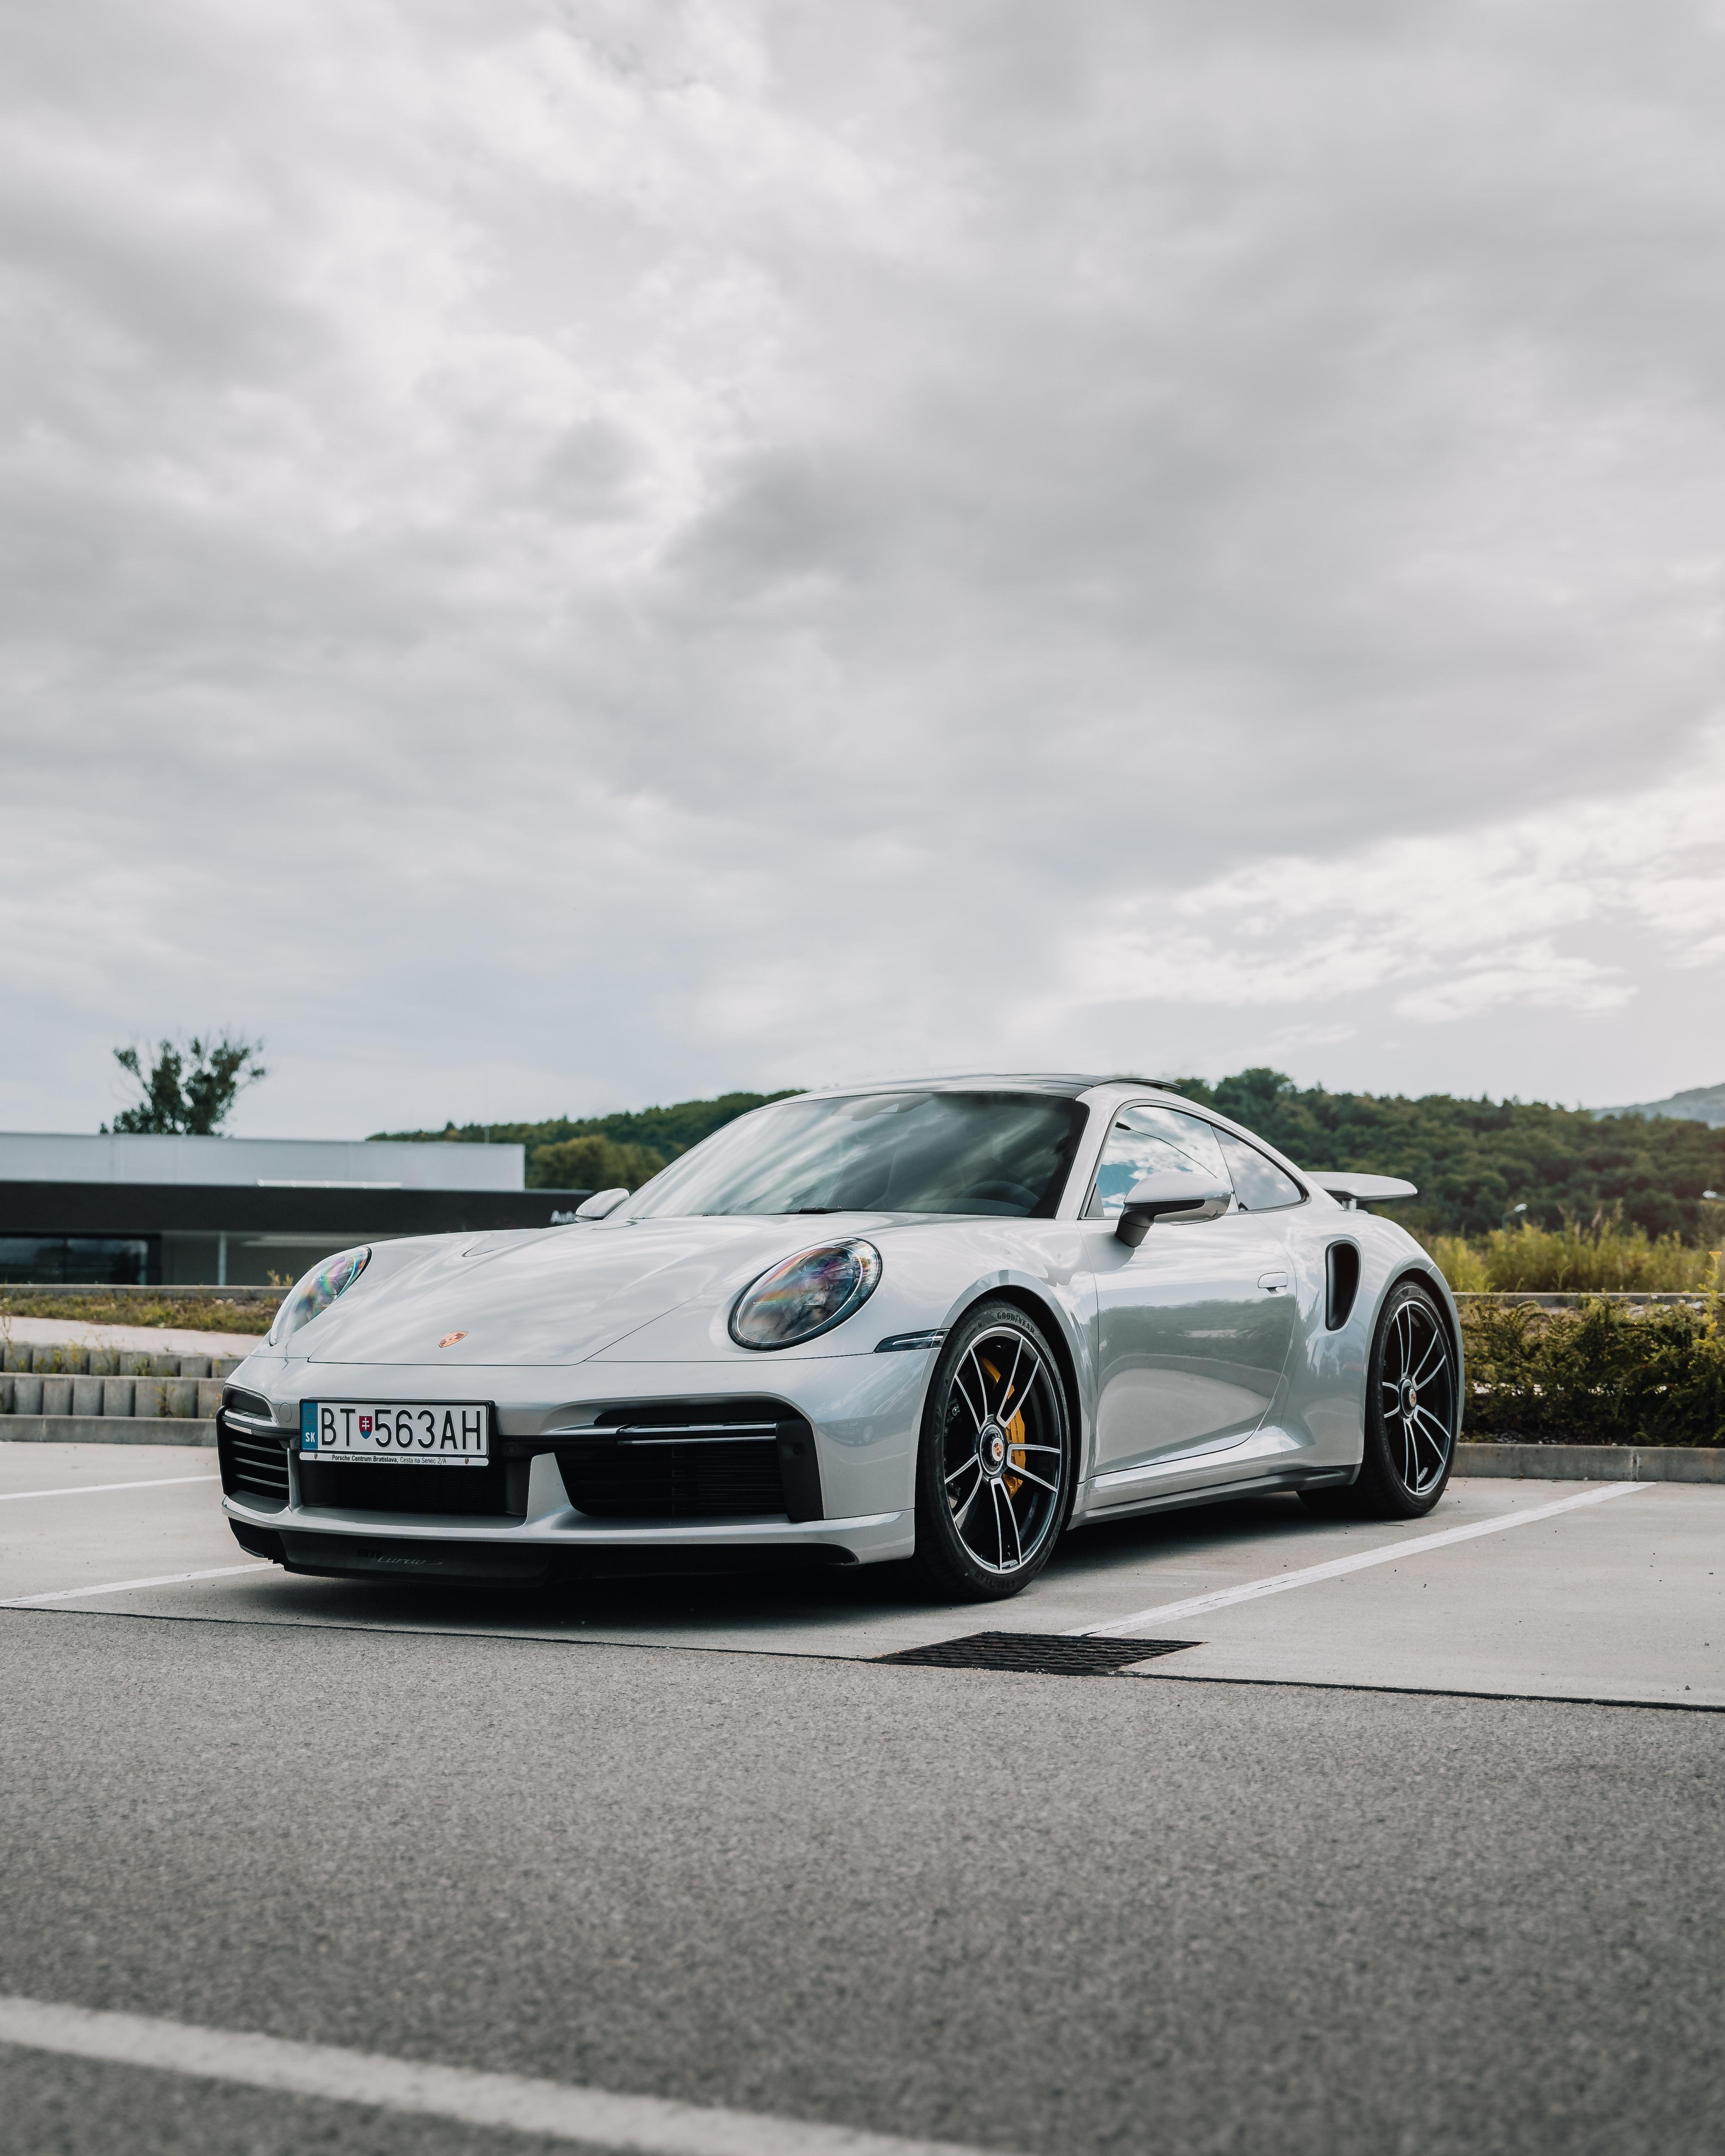 156963 Заставки и Обои Порш (Porsche) на телефон. Скачать Porsche 911, Порш (Porsche), Спорткар, Тачки (Cars), Автомобиль, Вид Сбоку картинки бесплатно